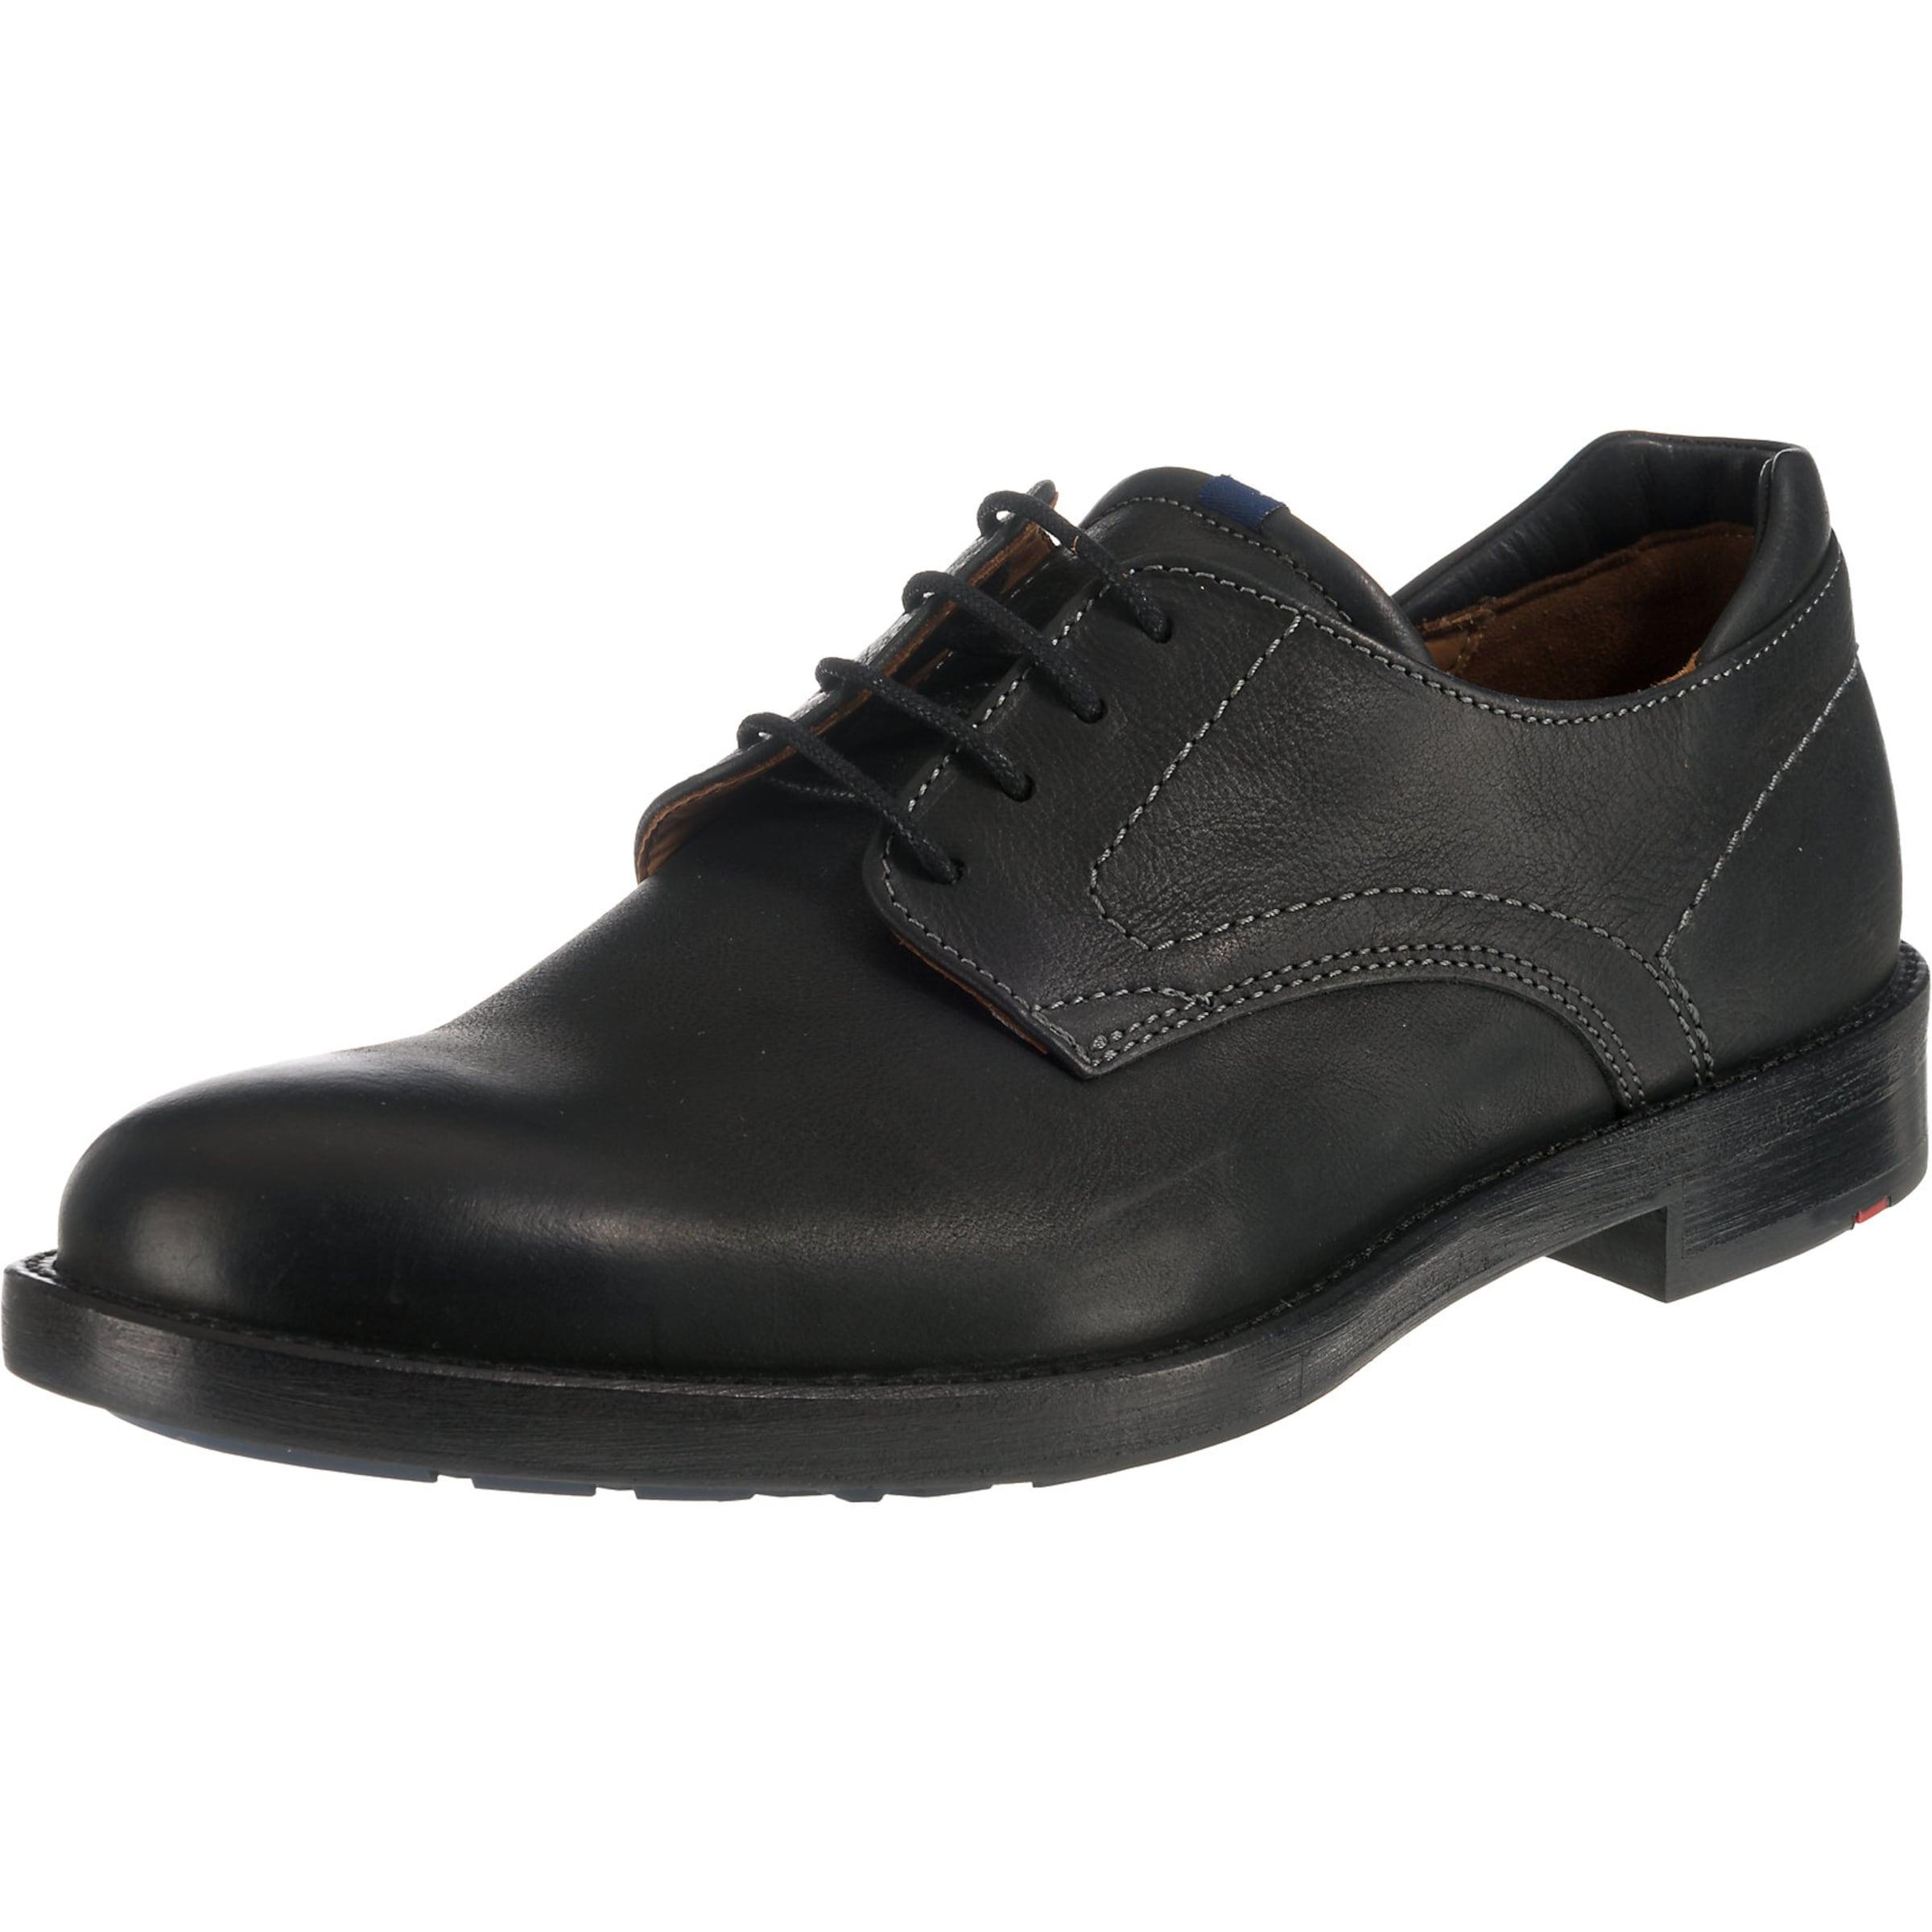 En Noir À Lacets Chaussure Lloyd NOknZP8w0X